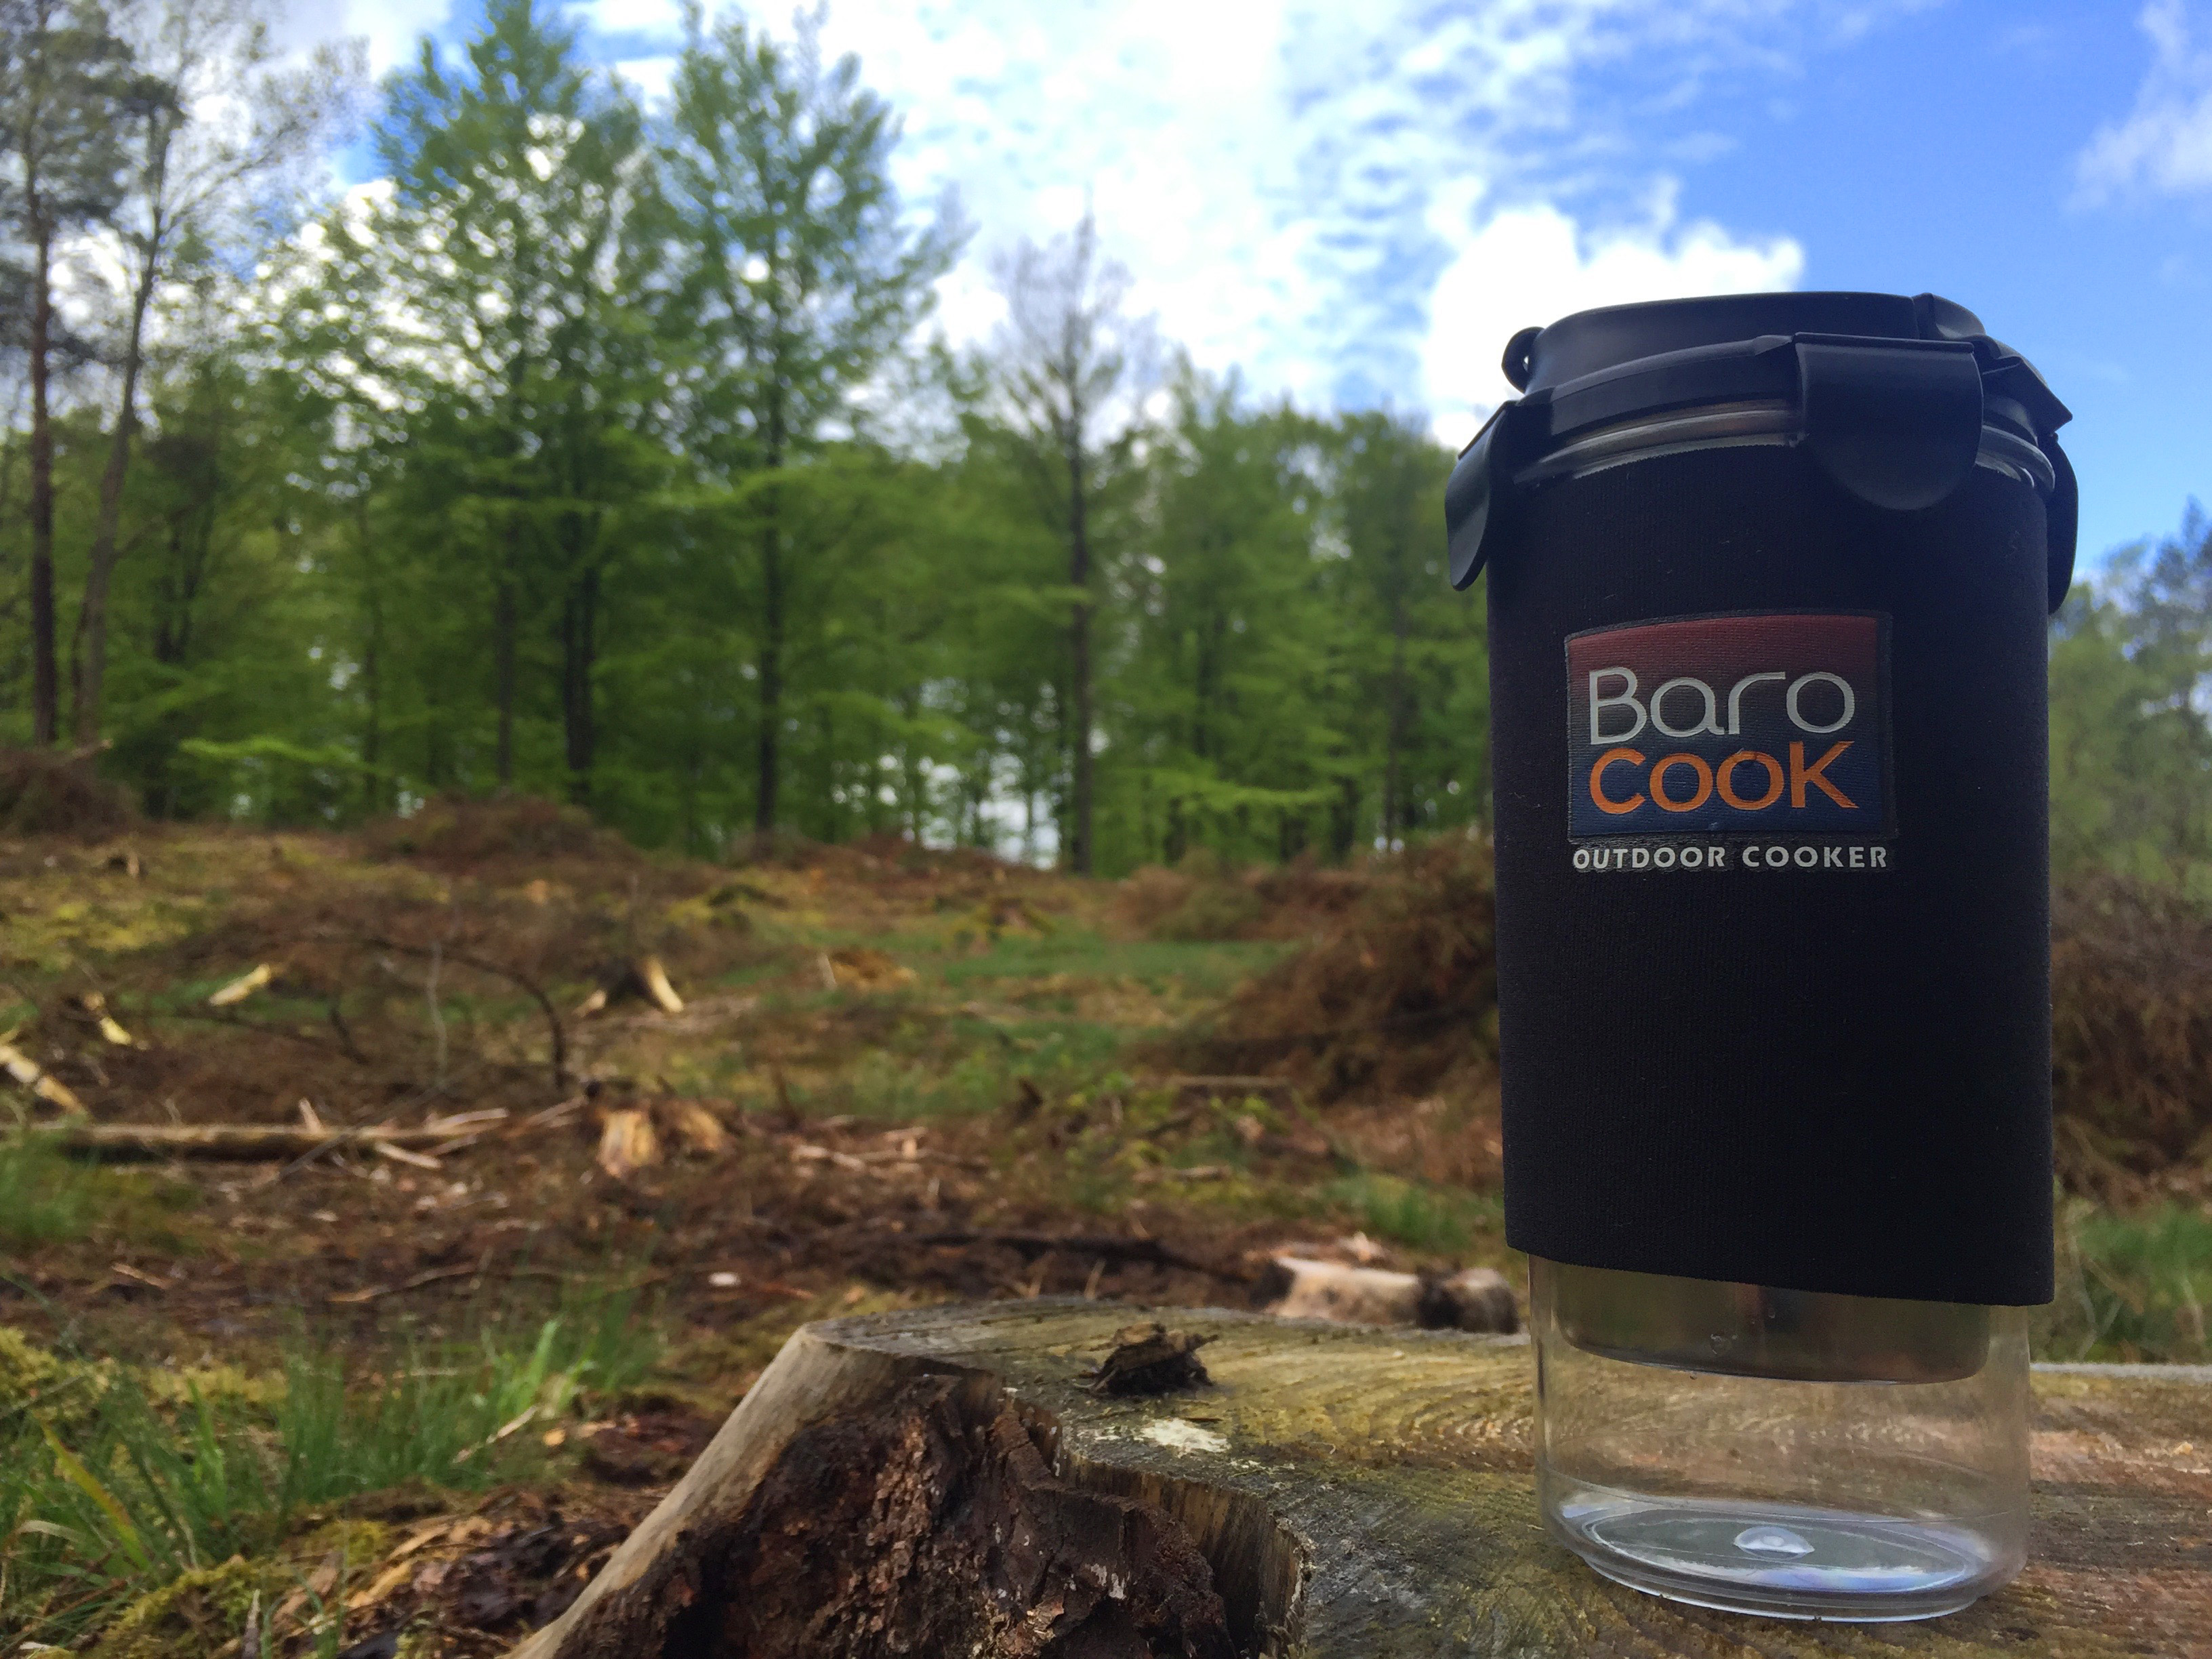 Barocook termosmugg på skogsutflykt i de djupa skogarna